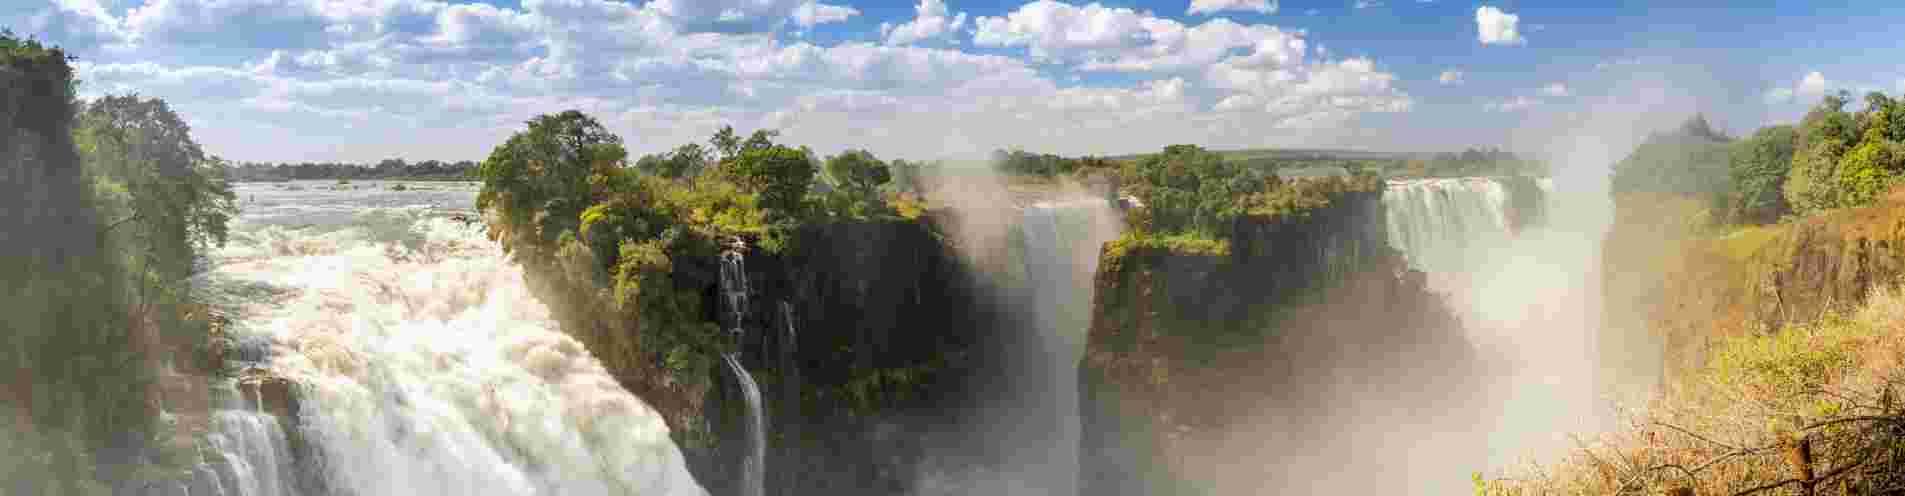 Zimbabwe header image